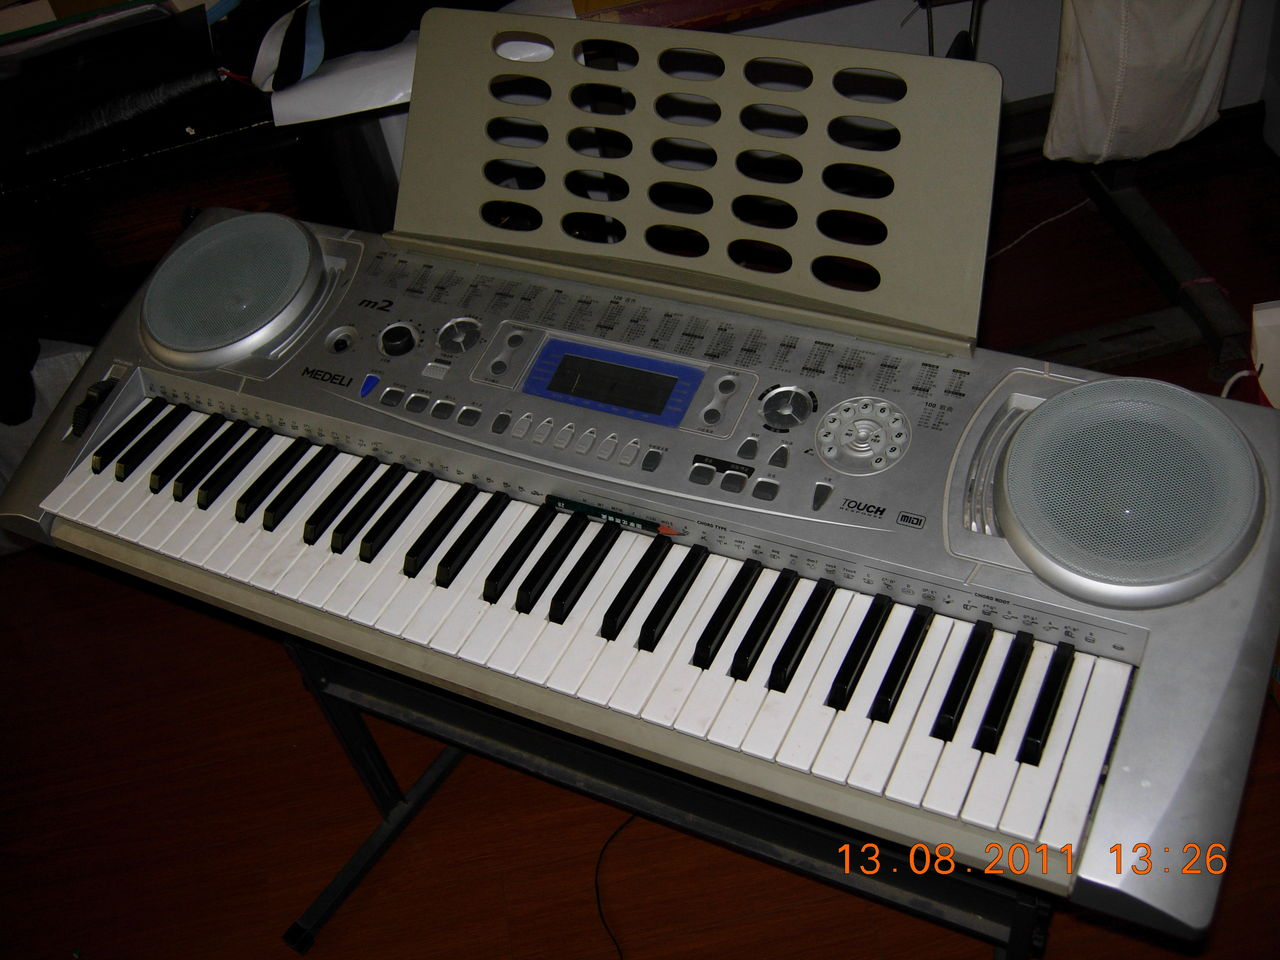 有没有学电子琴的图片